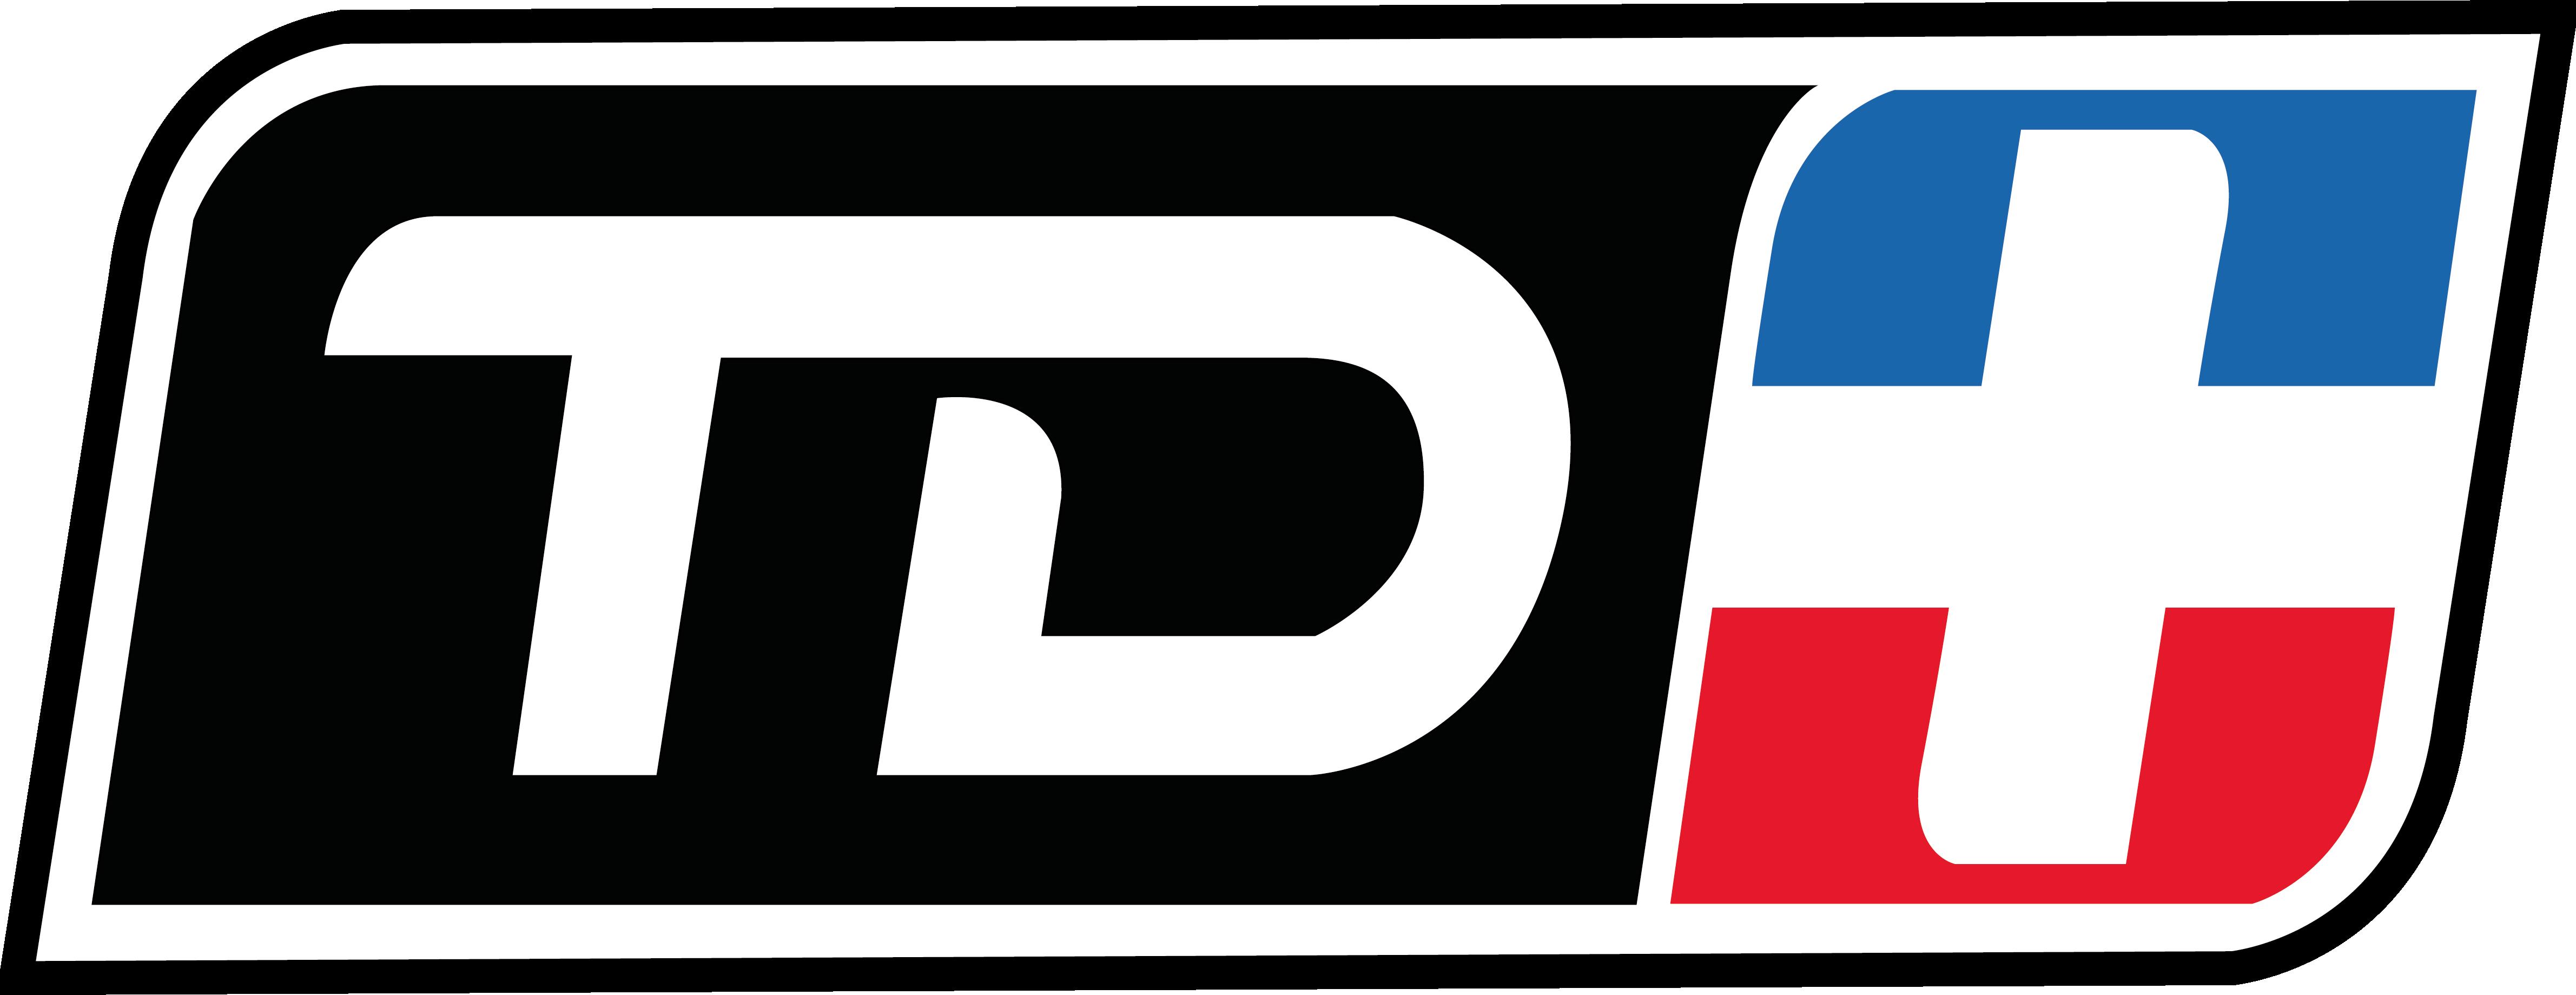 Logo Td PNG - 113207